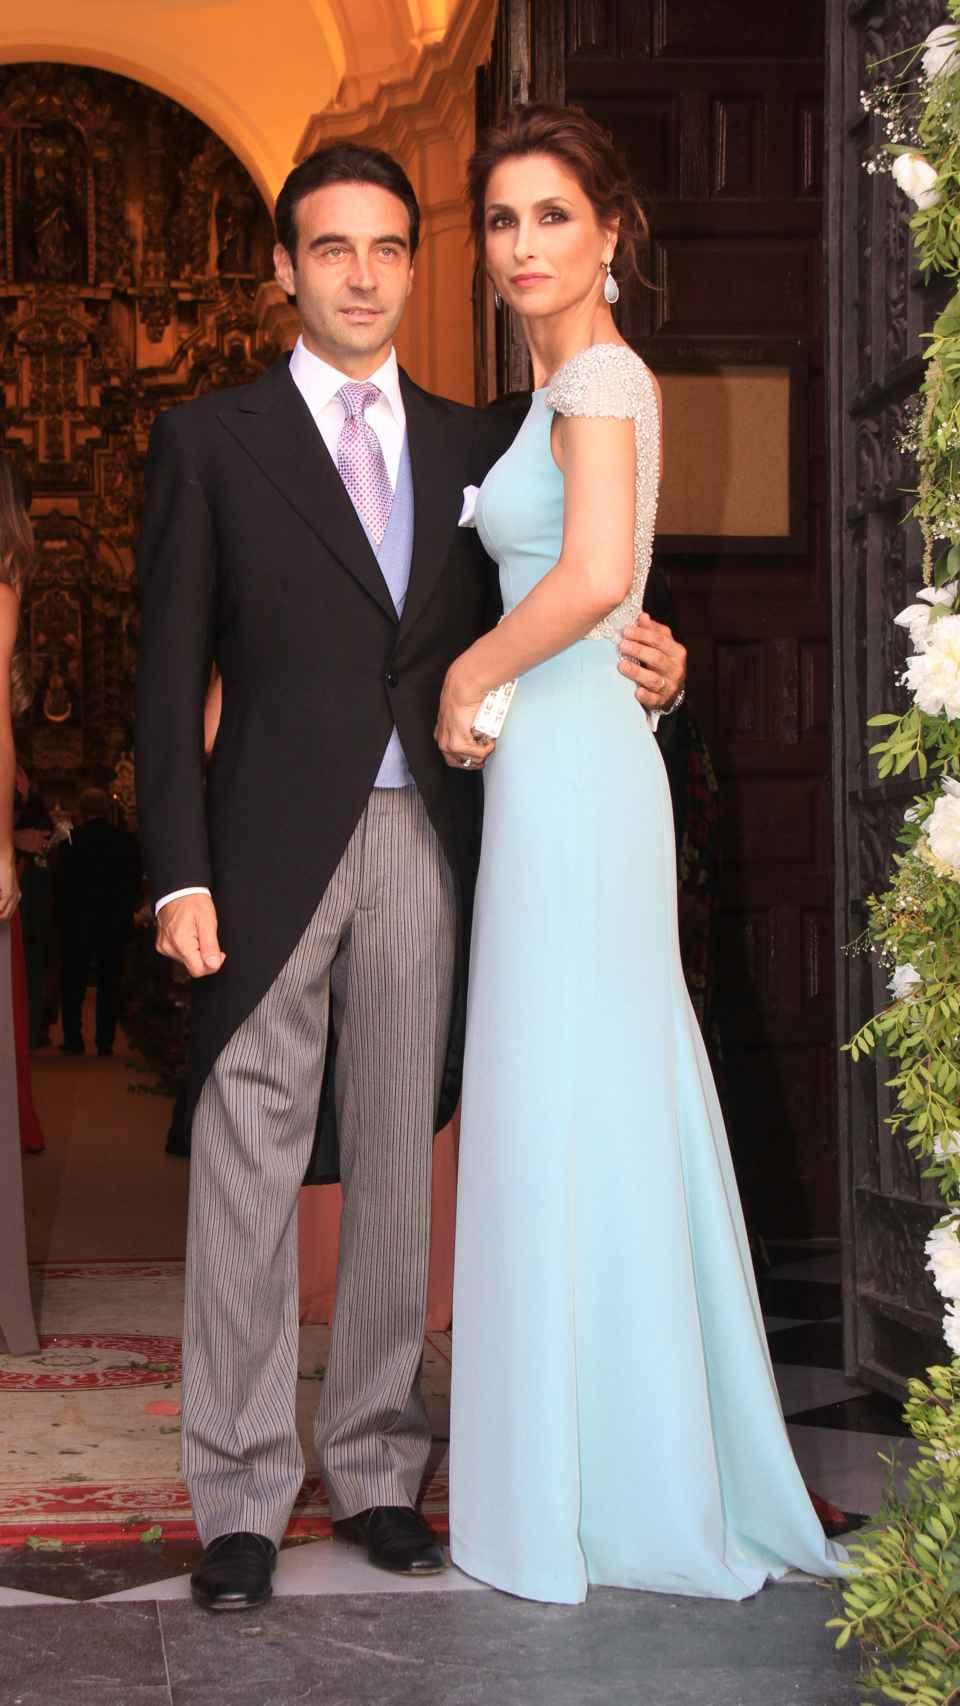 Enrique y su todavía mujer durante un acto social.